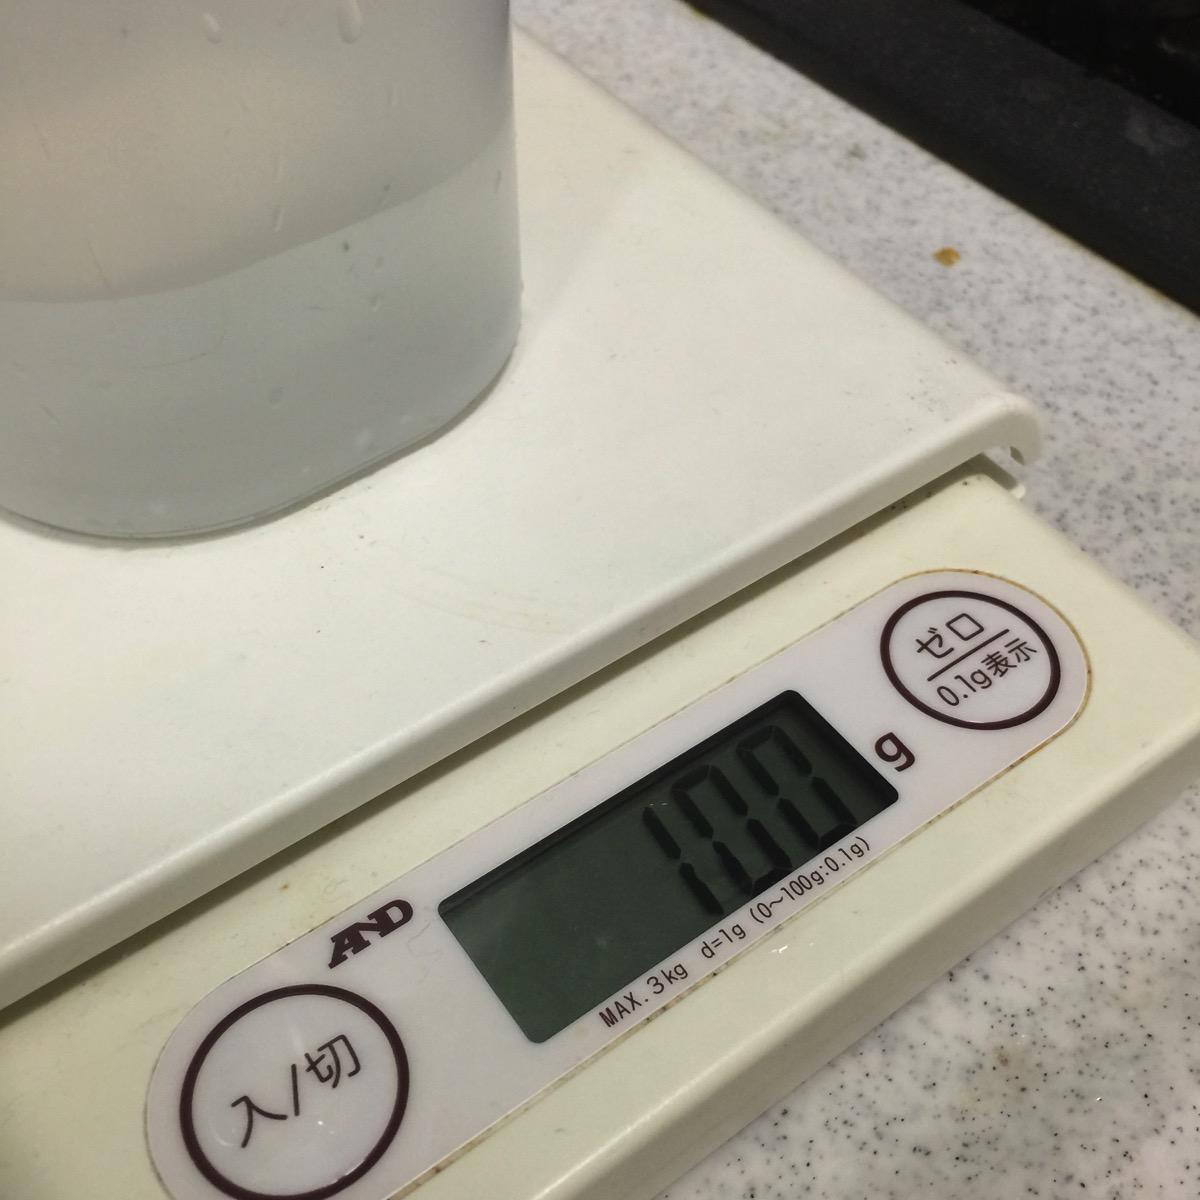 100ccの水に先ほどの洗浄液を入れて、万年筆の先の部品を突っ込んで一昼夜とのこと。